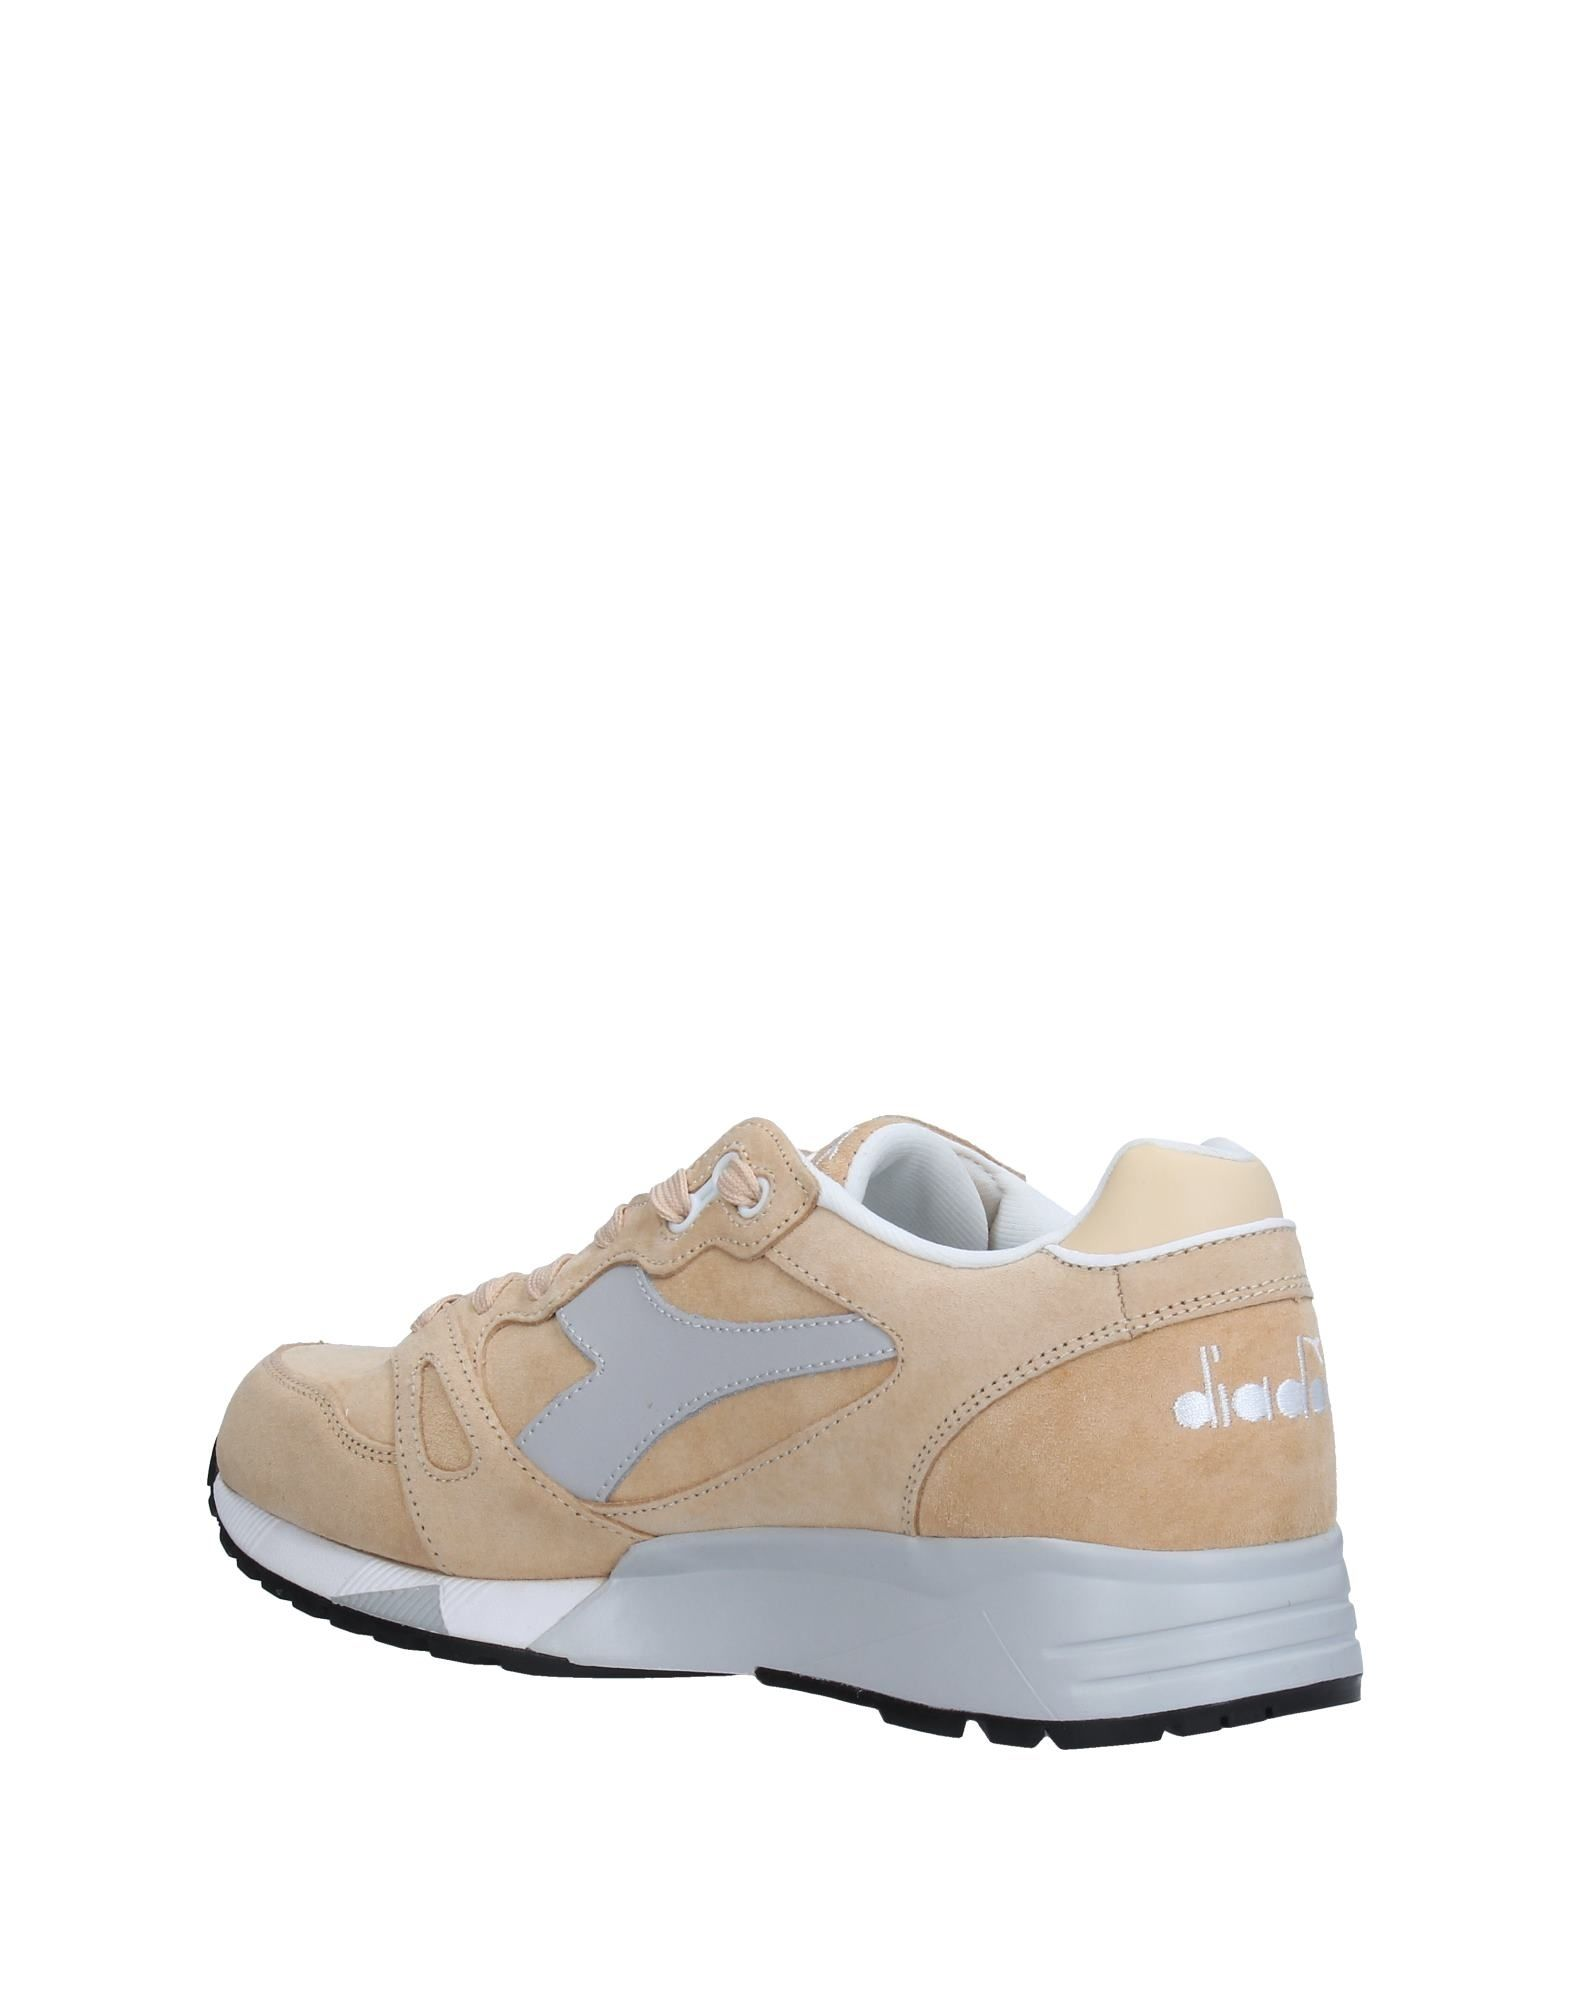 Diadora Sneakers - Men Diadora Sneakers Sneakers Sneakers online on  Australia - 11242950GI 8278df